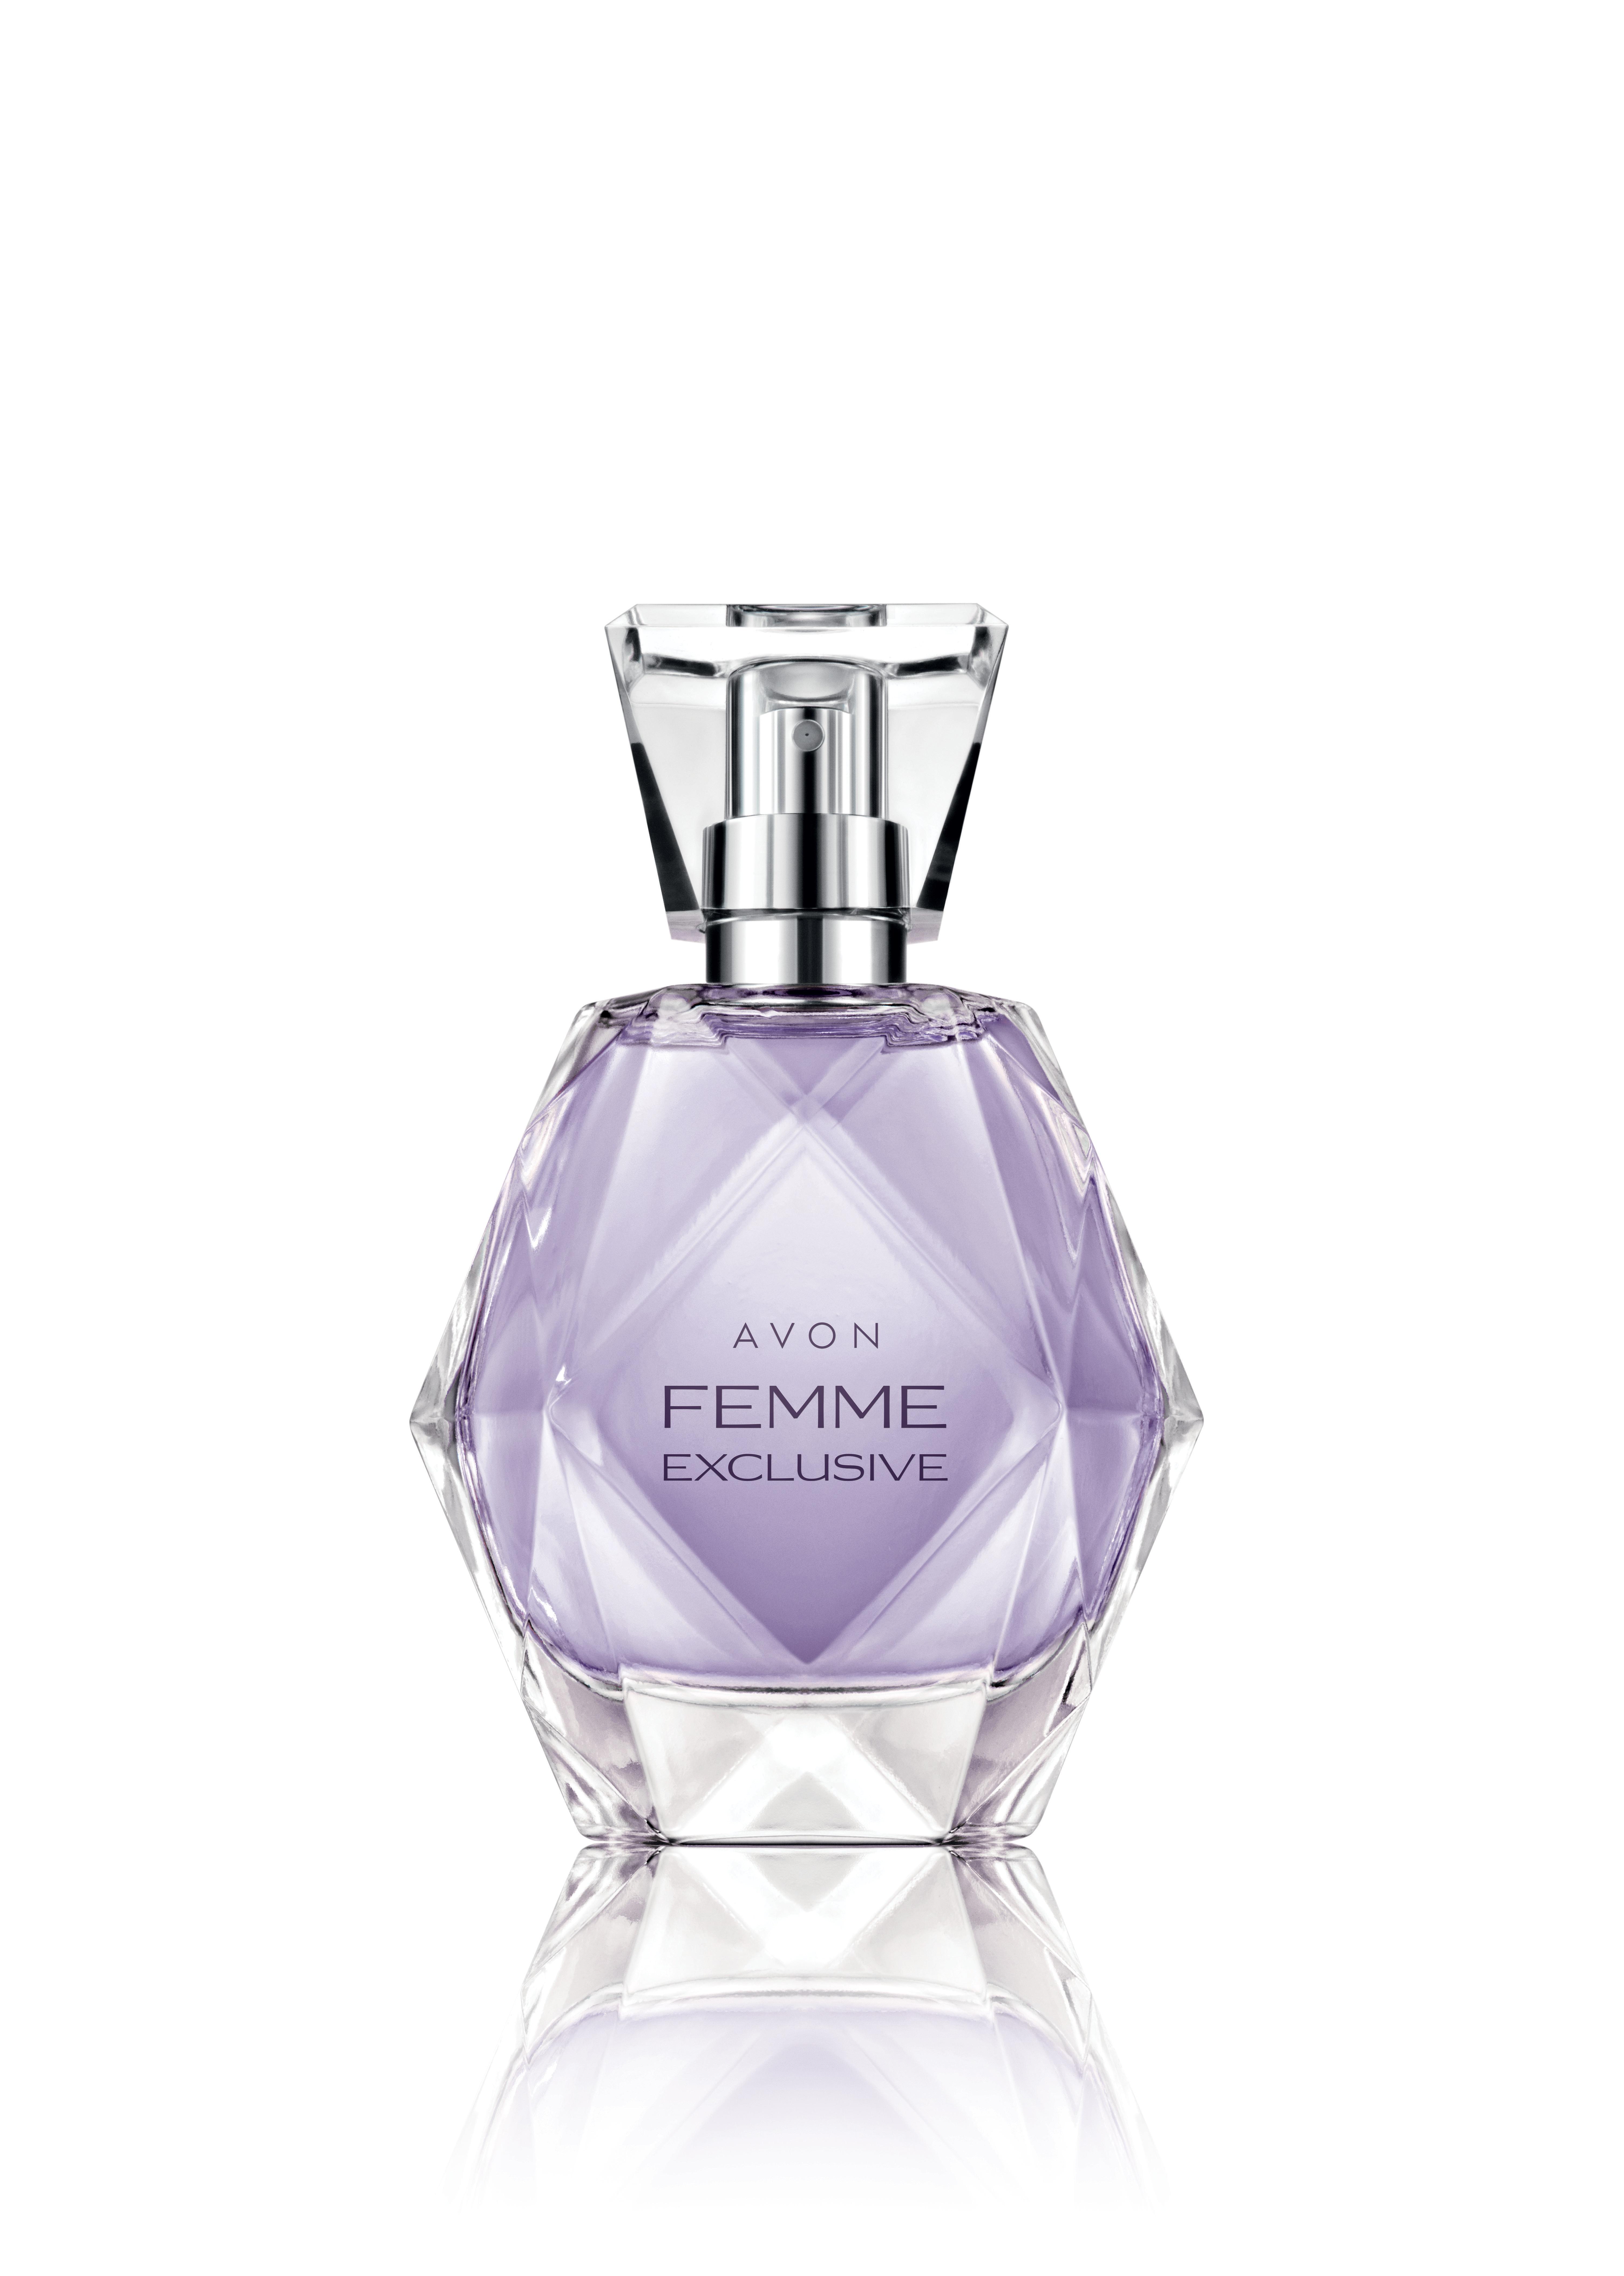 avon_femme_exclusive_parfum_4099_ft_1177_5.jpg